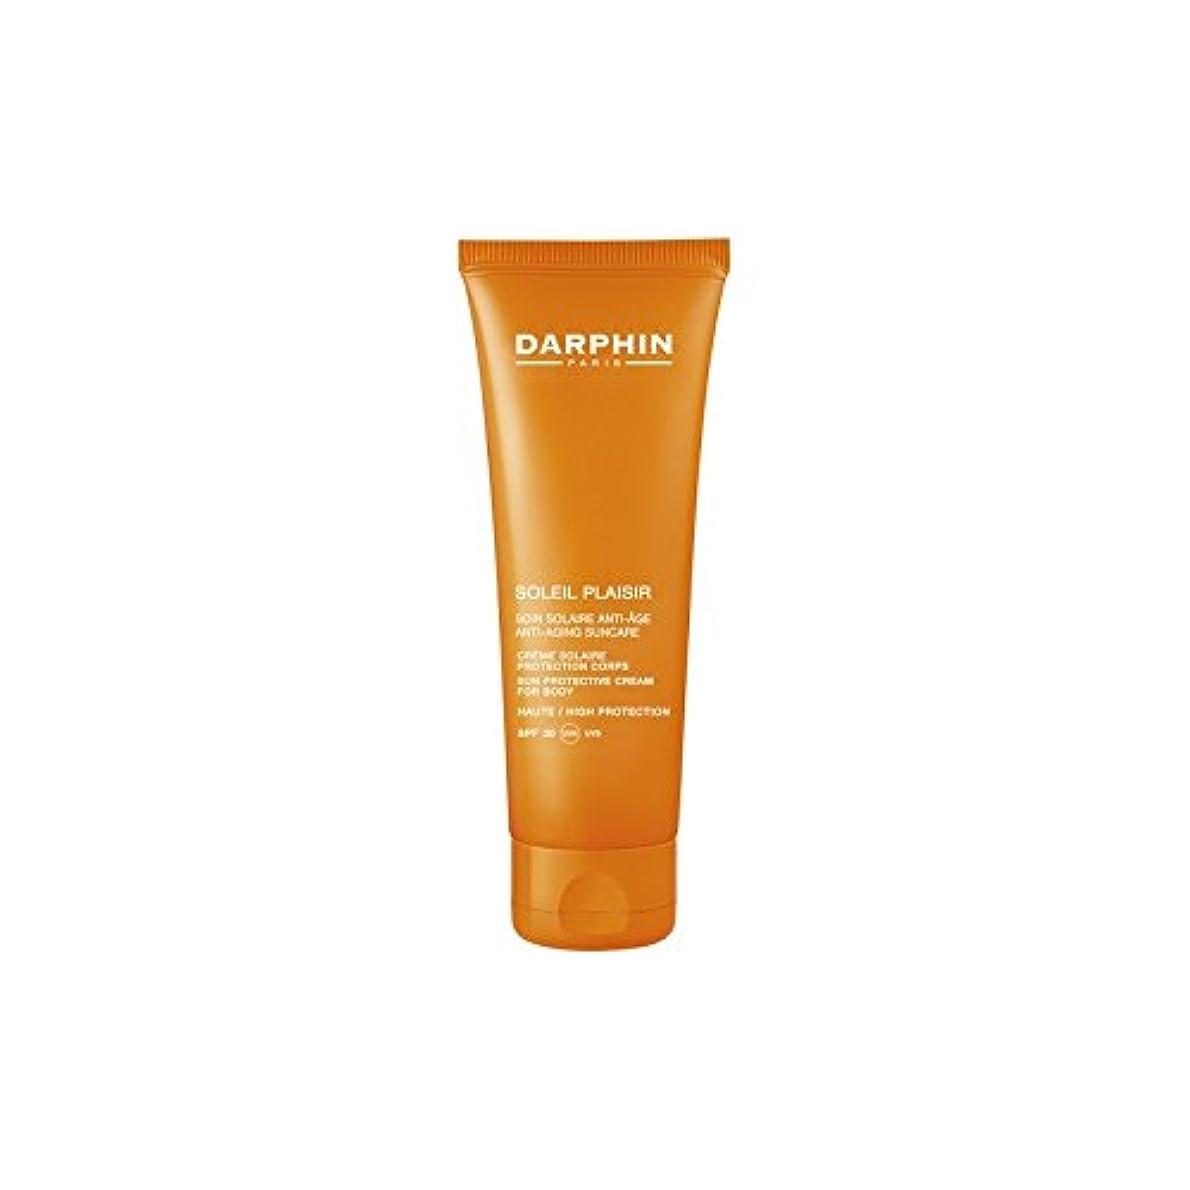 メッセンジャー活性化する粒子Darphin Soleil Plaisir Body Cream - ダルファンソレイユプレジールボディクリーム [並行輸入品]